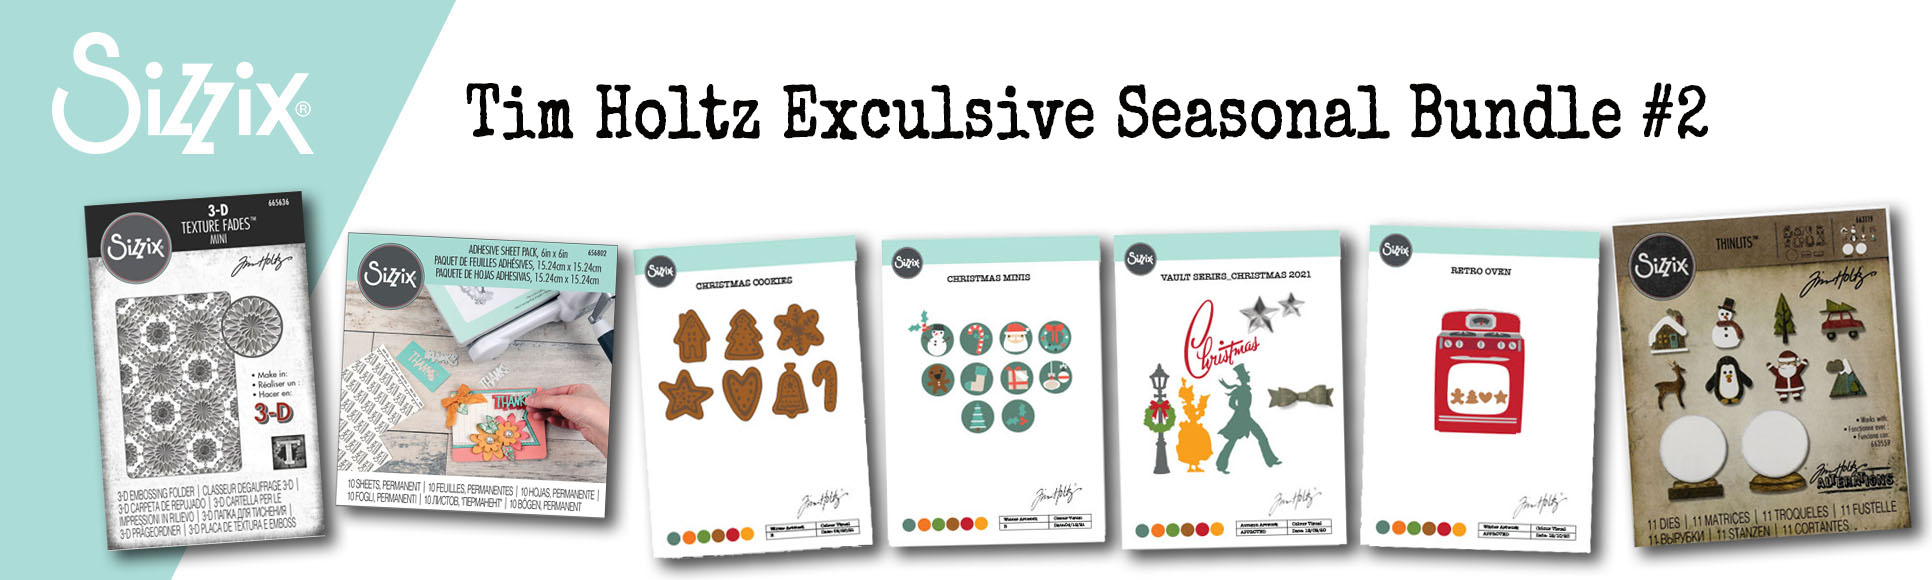 1250x375-tim-holtz-exclusive-seasonal-bundle-2-revised.jpg